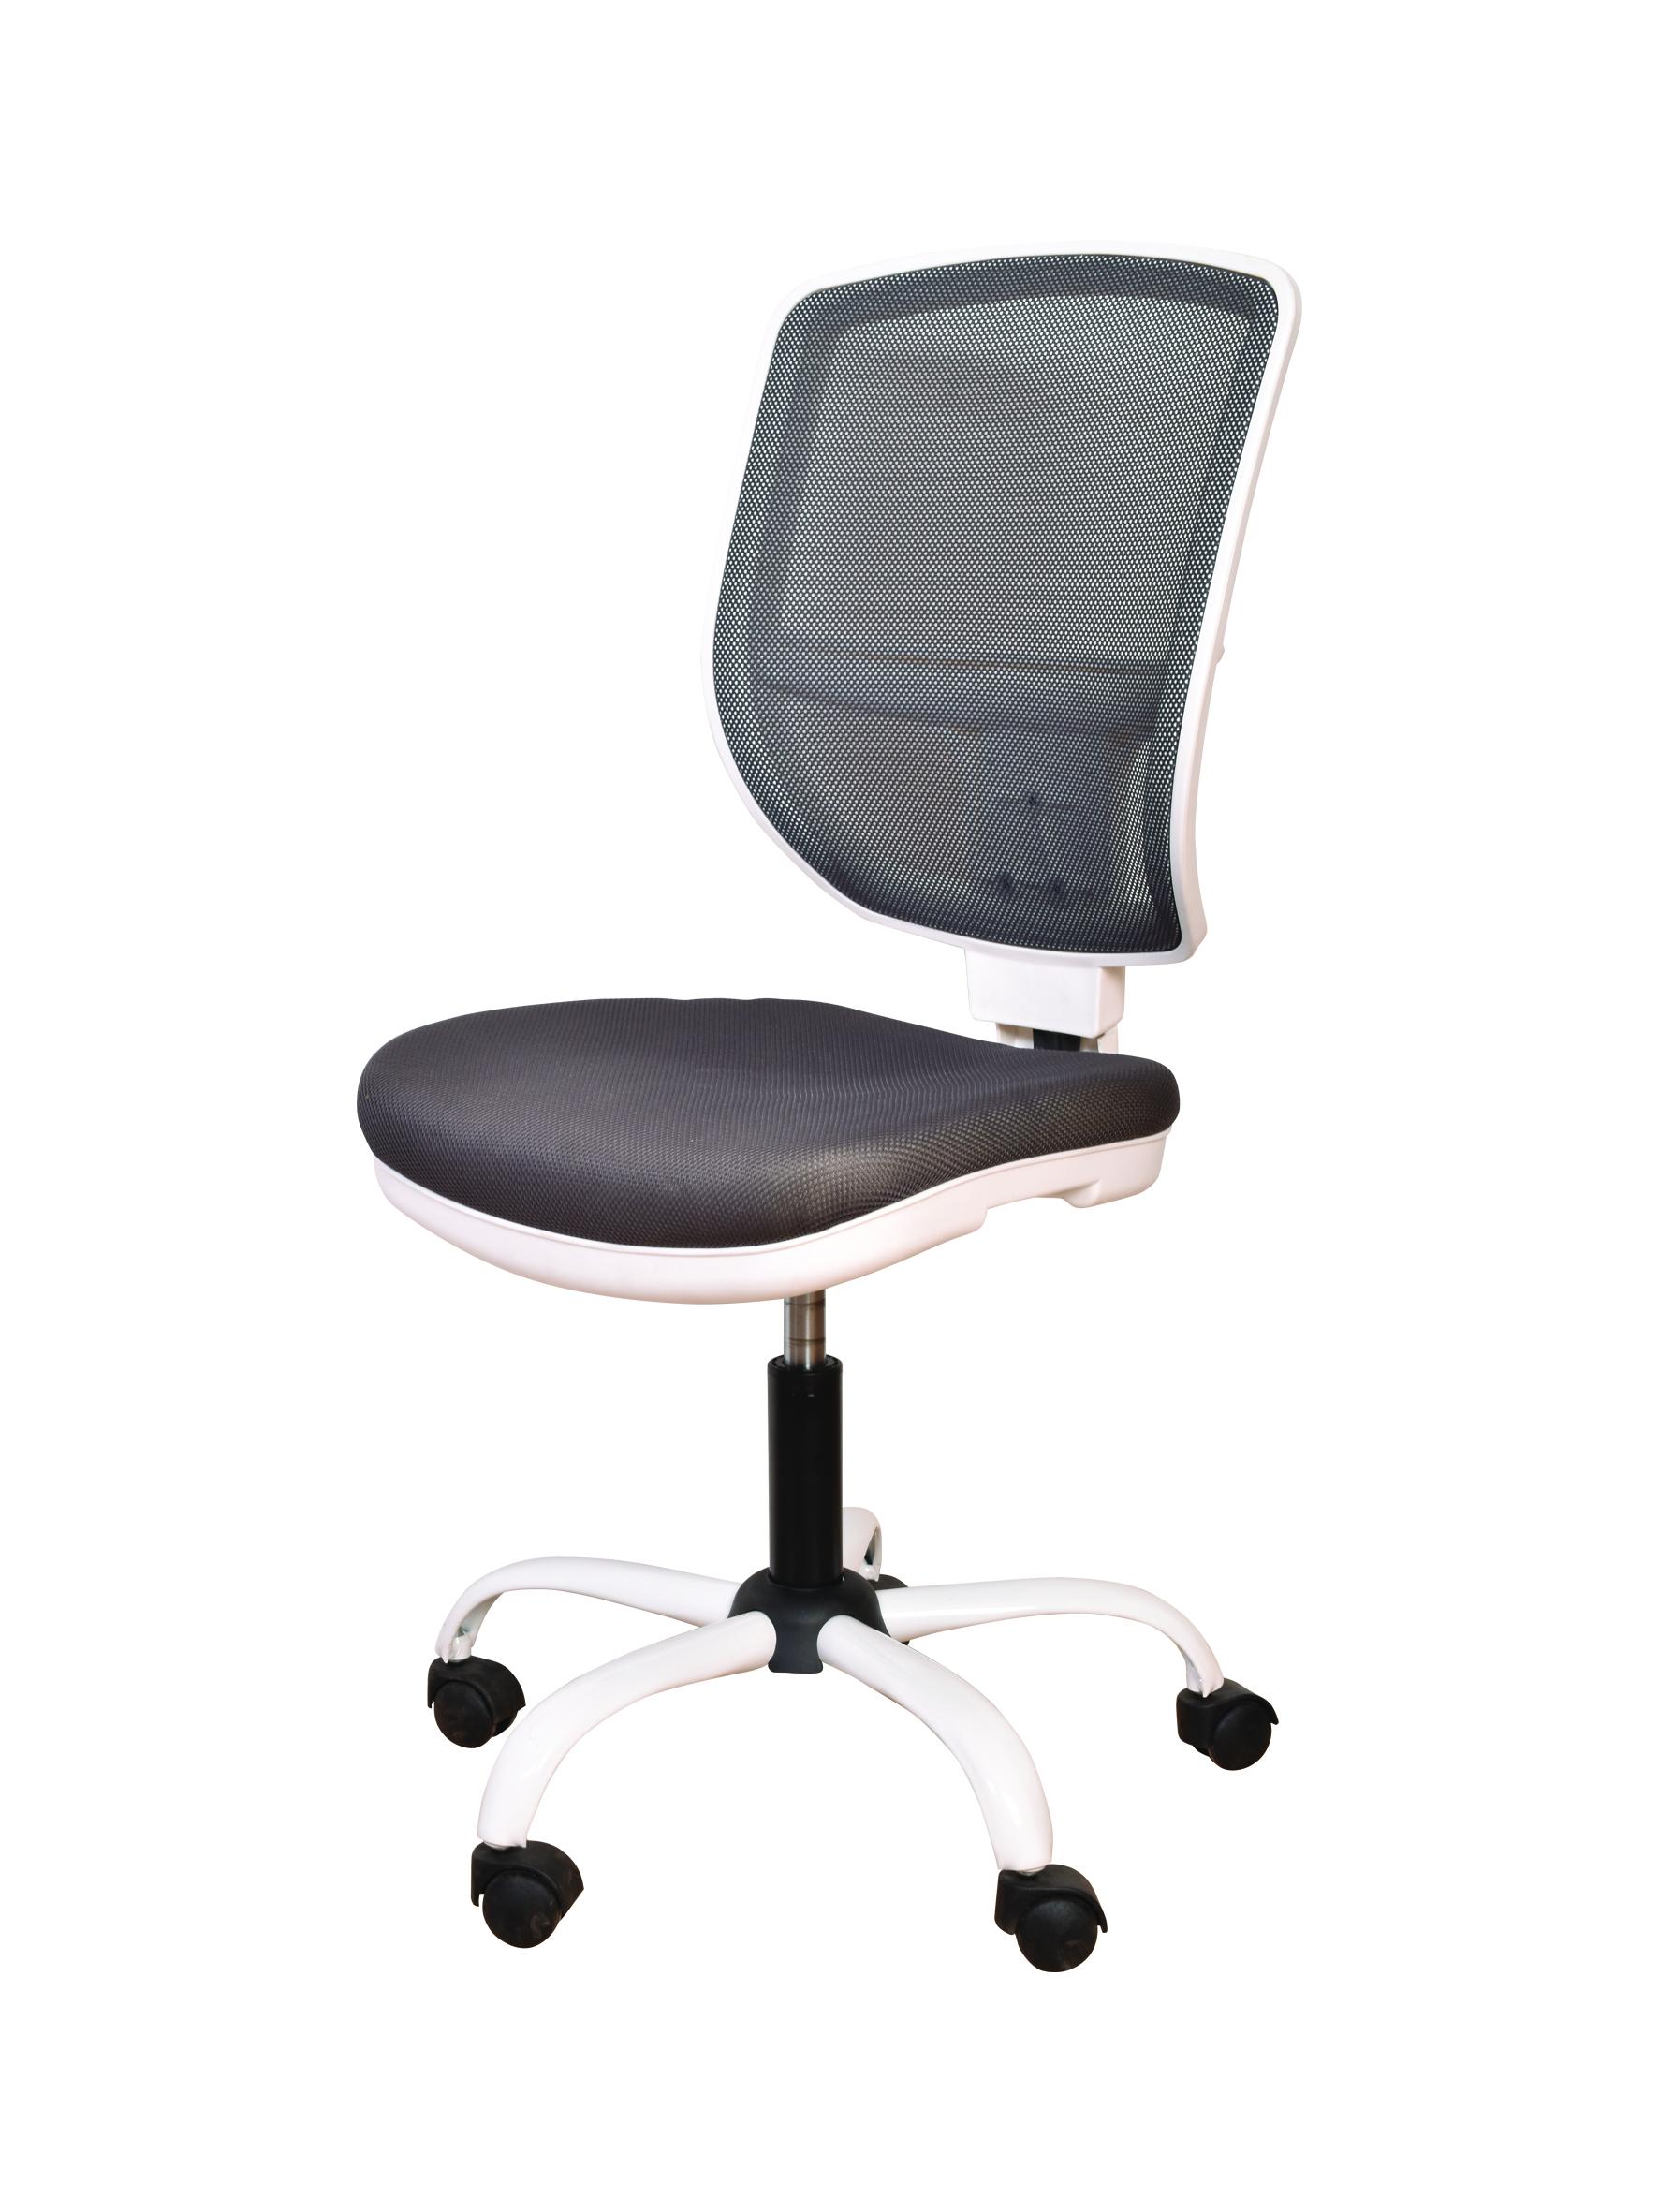 כיסא פנאומאטי רשת